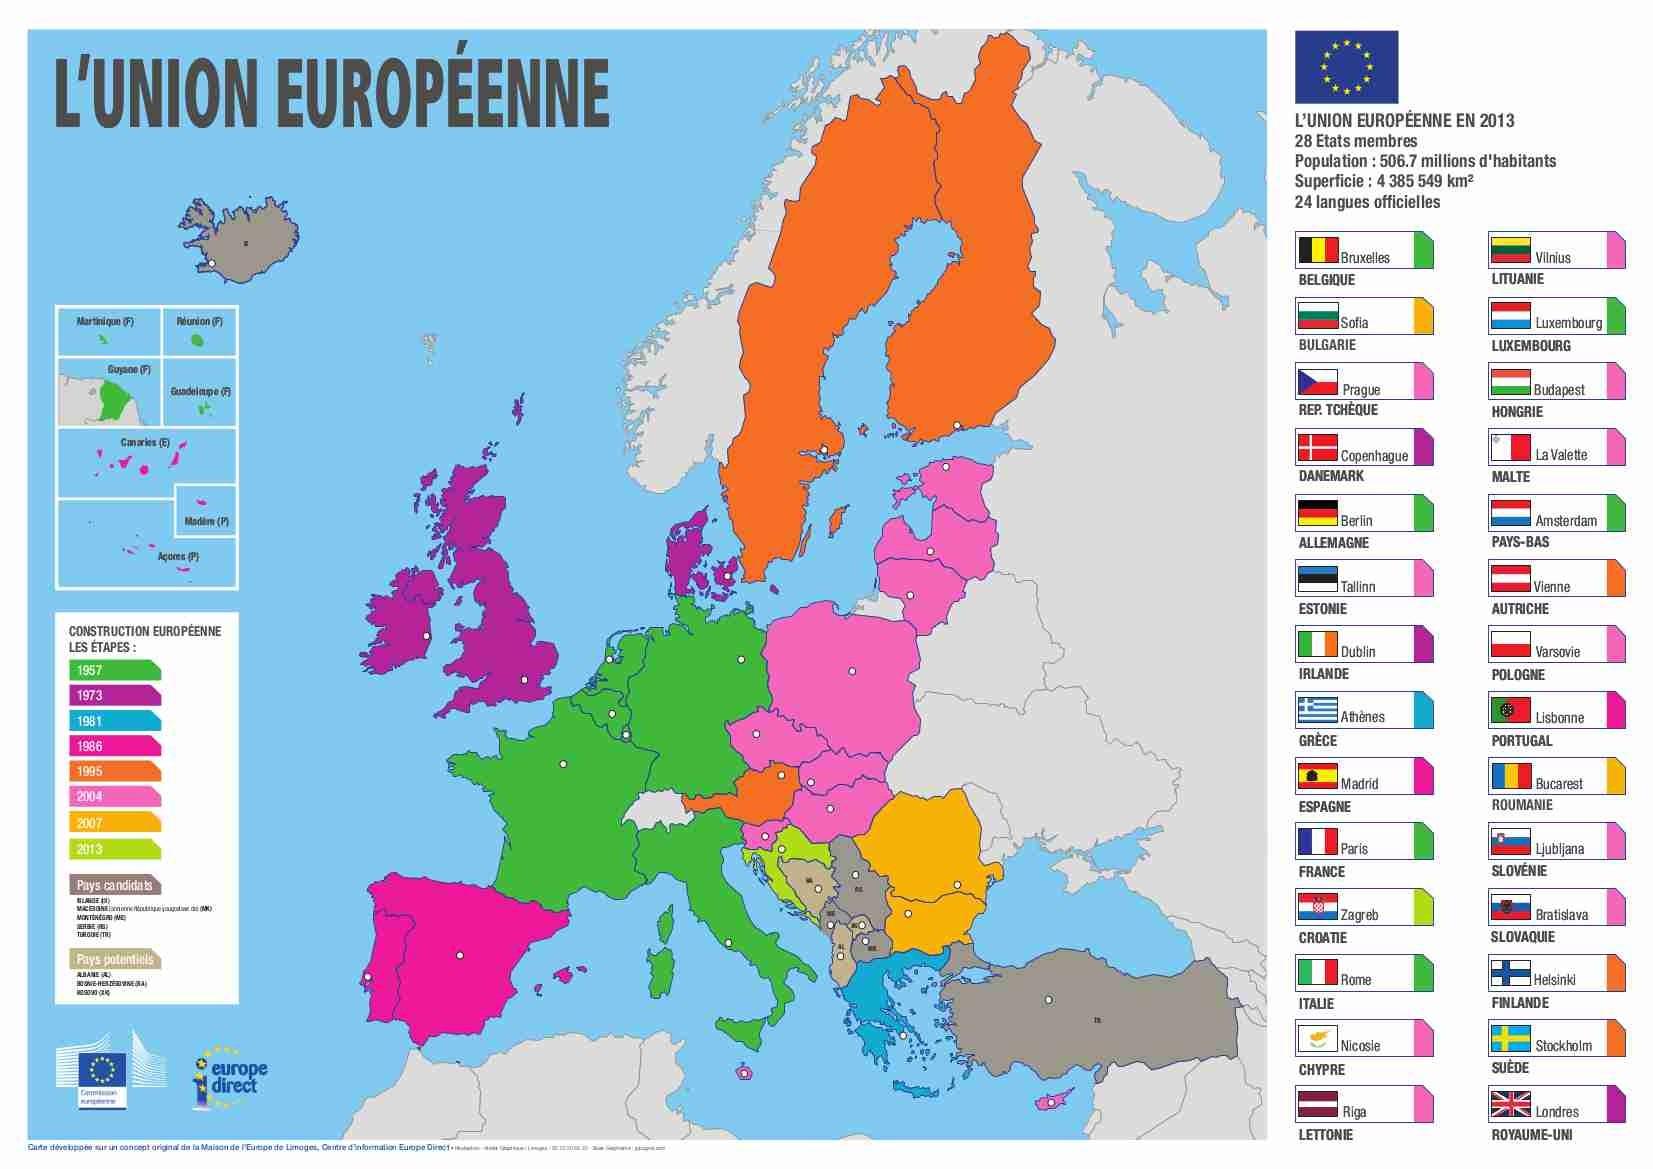 La Position Économique De L'union Européenne Dans Le Monde avec Capitale Union Européenne